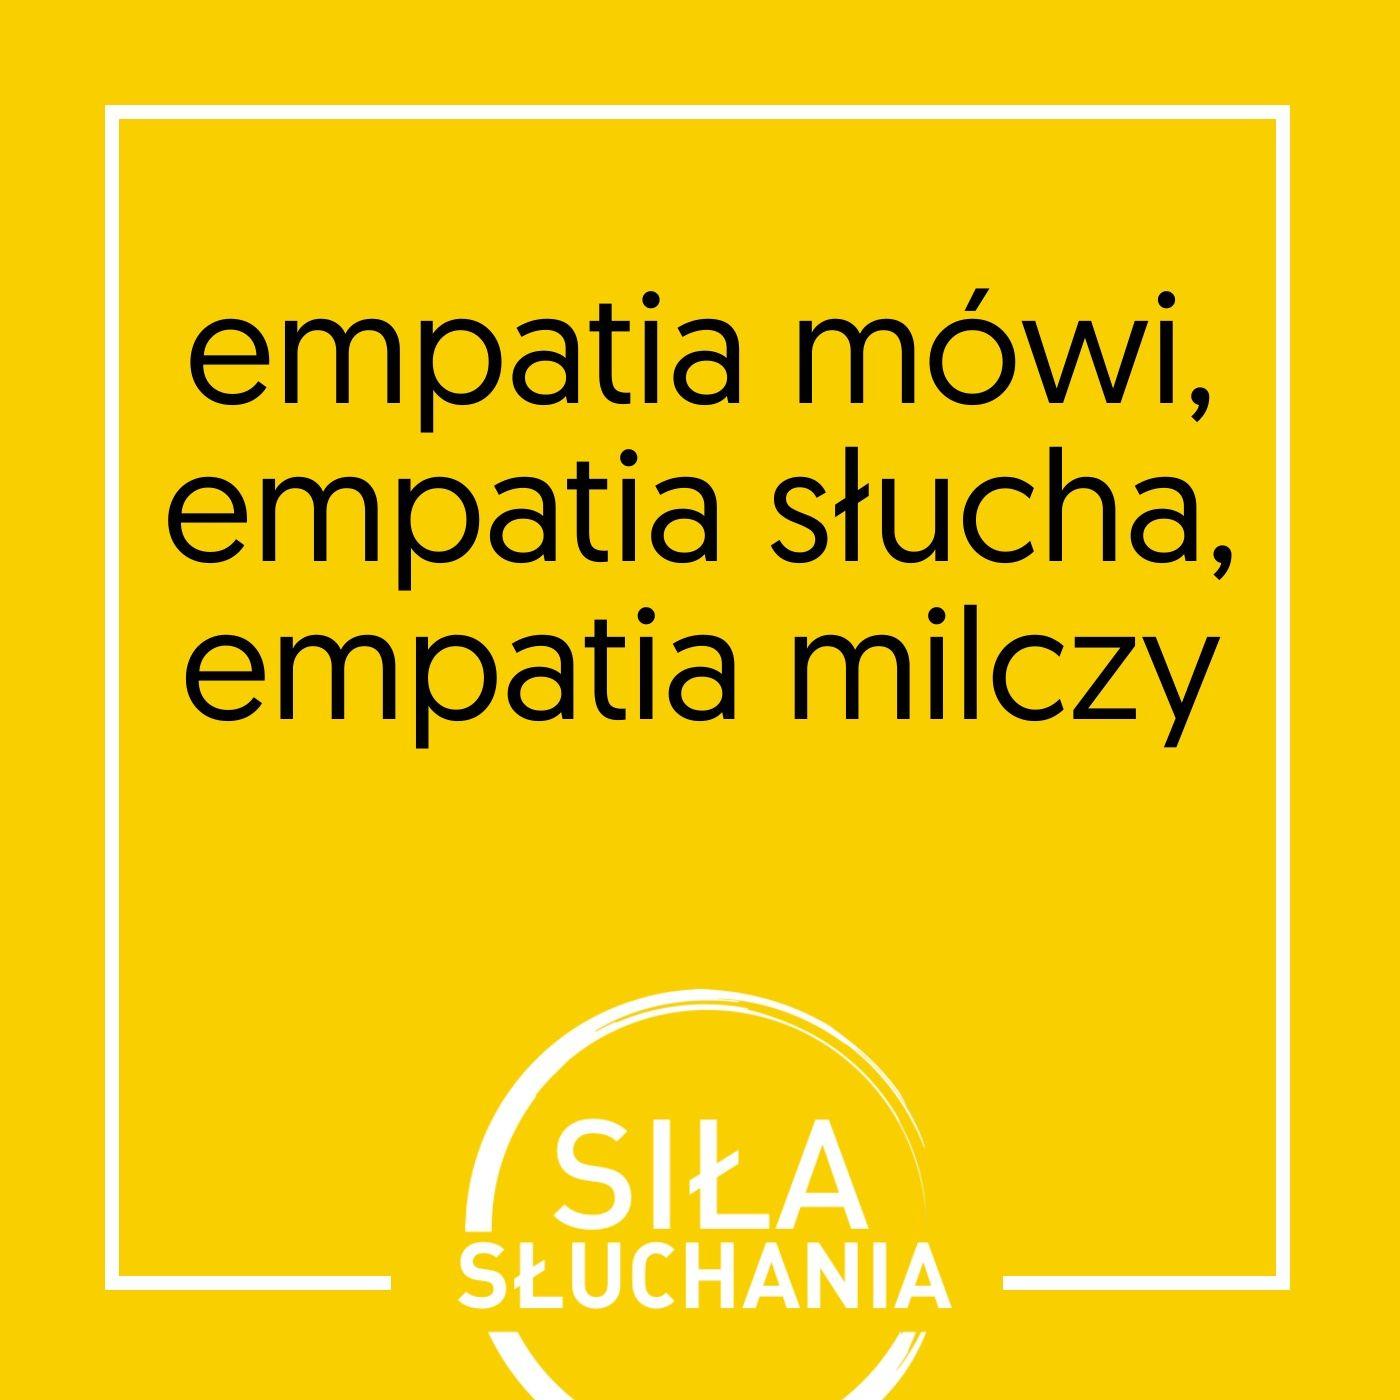 Empatia słucha, empatia mówi, empatia milczy